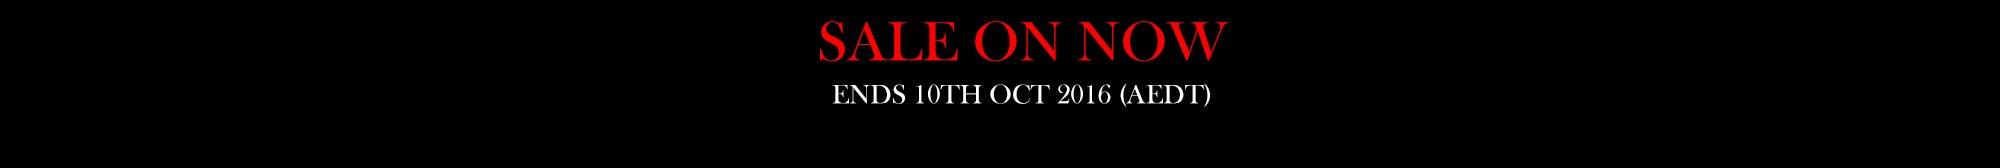 Shop the September Outlet Sale Online